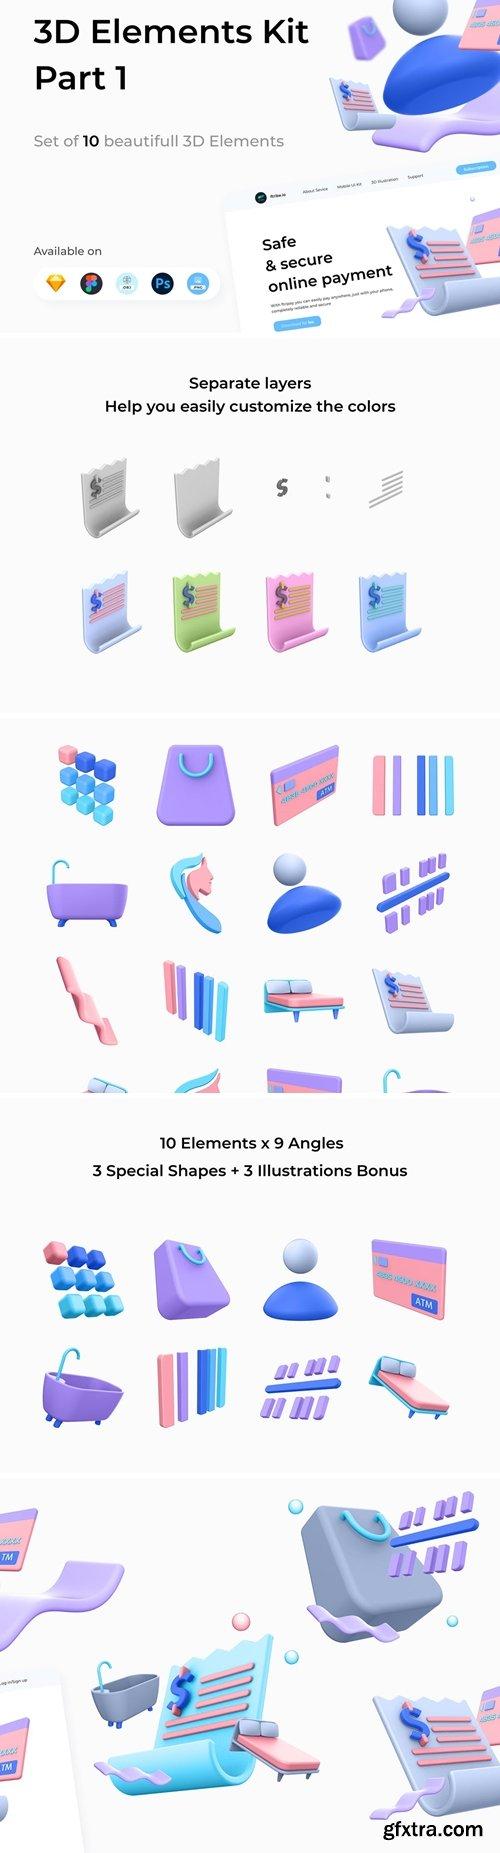 3D Elements Kit - Library Part 1